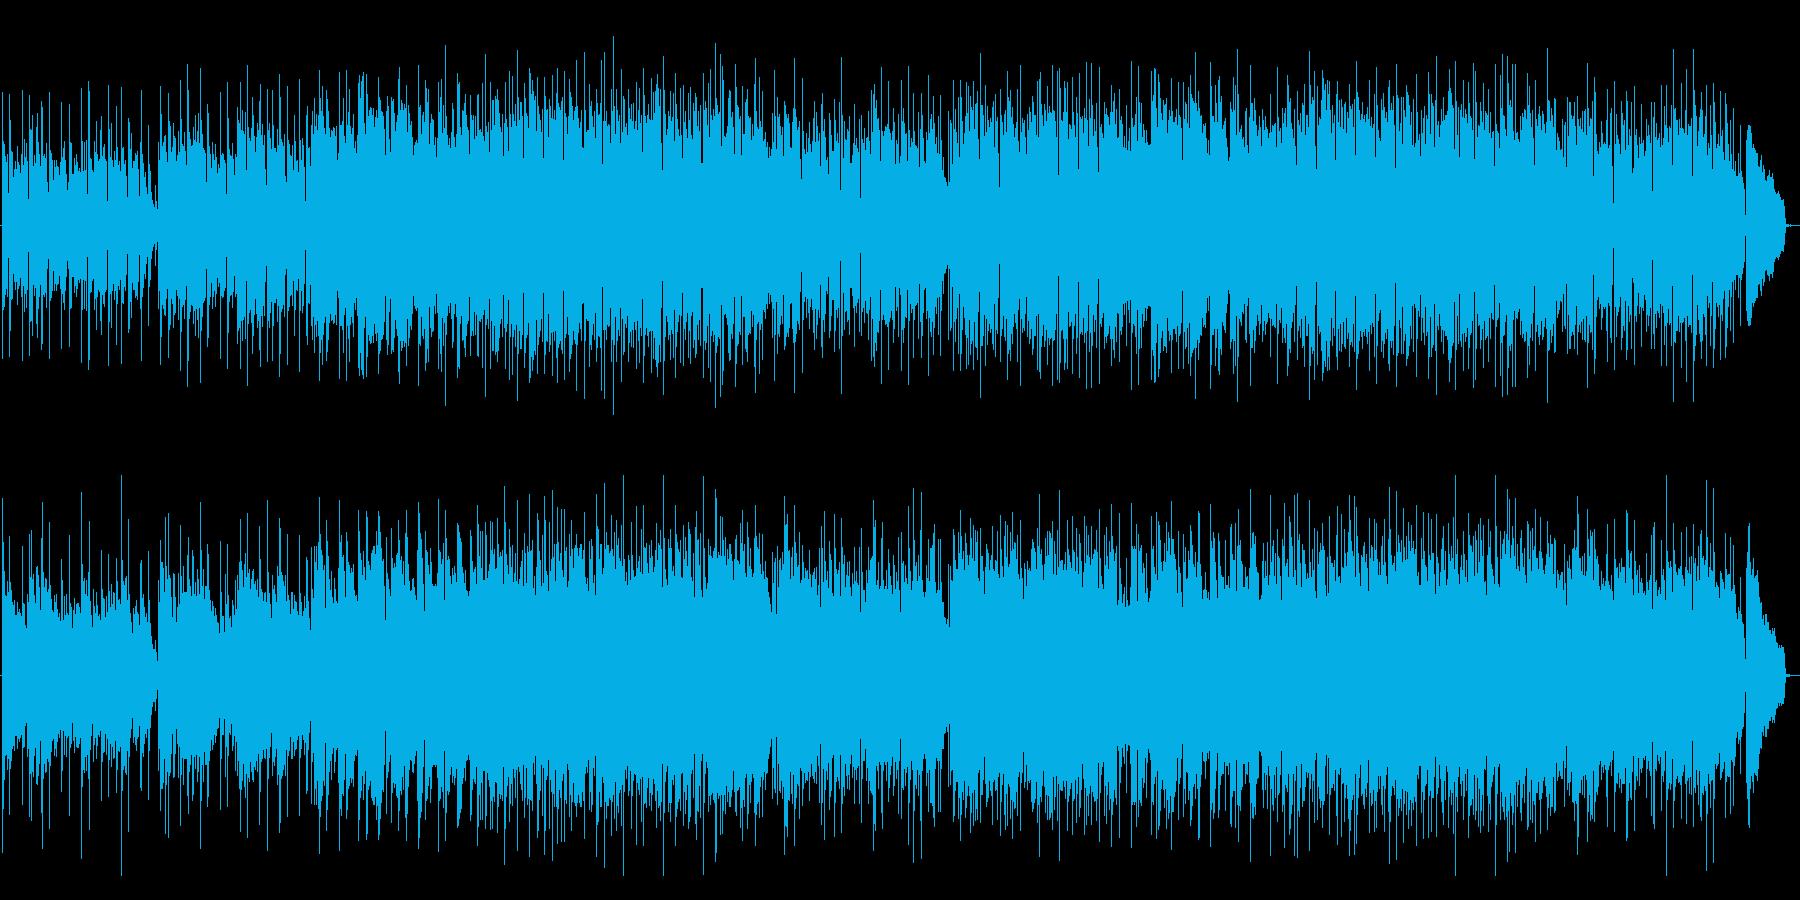 アコースティックギターの優しいメロディの再生済みの波形